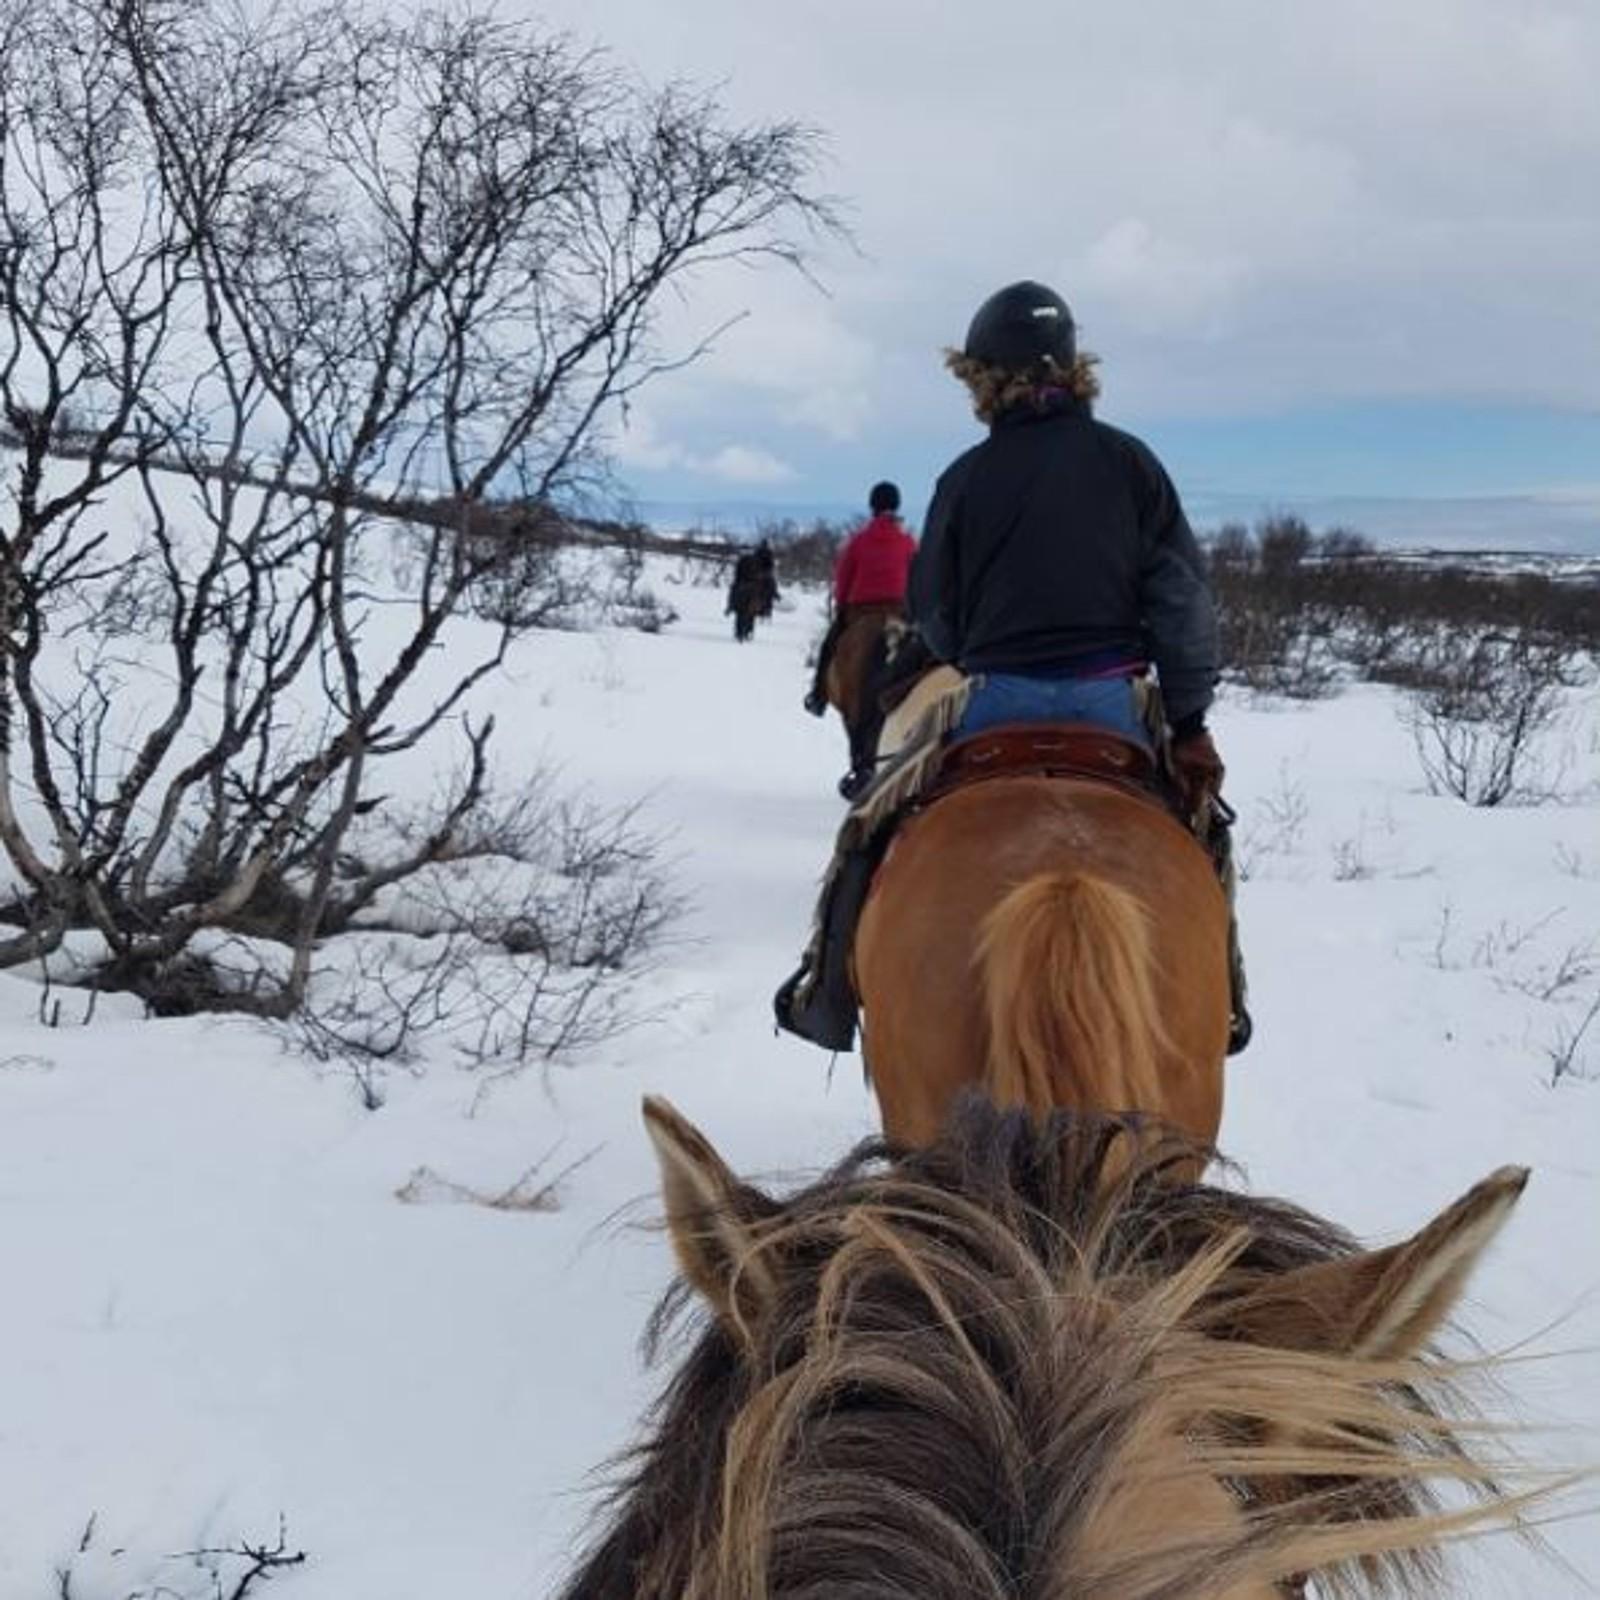 Ann-Kristin fikk vårfornemmelse, selv om det fortsatt var mye snø på pavelstien i Vadsø.